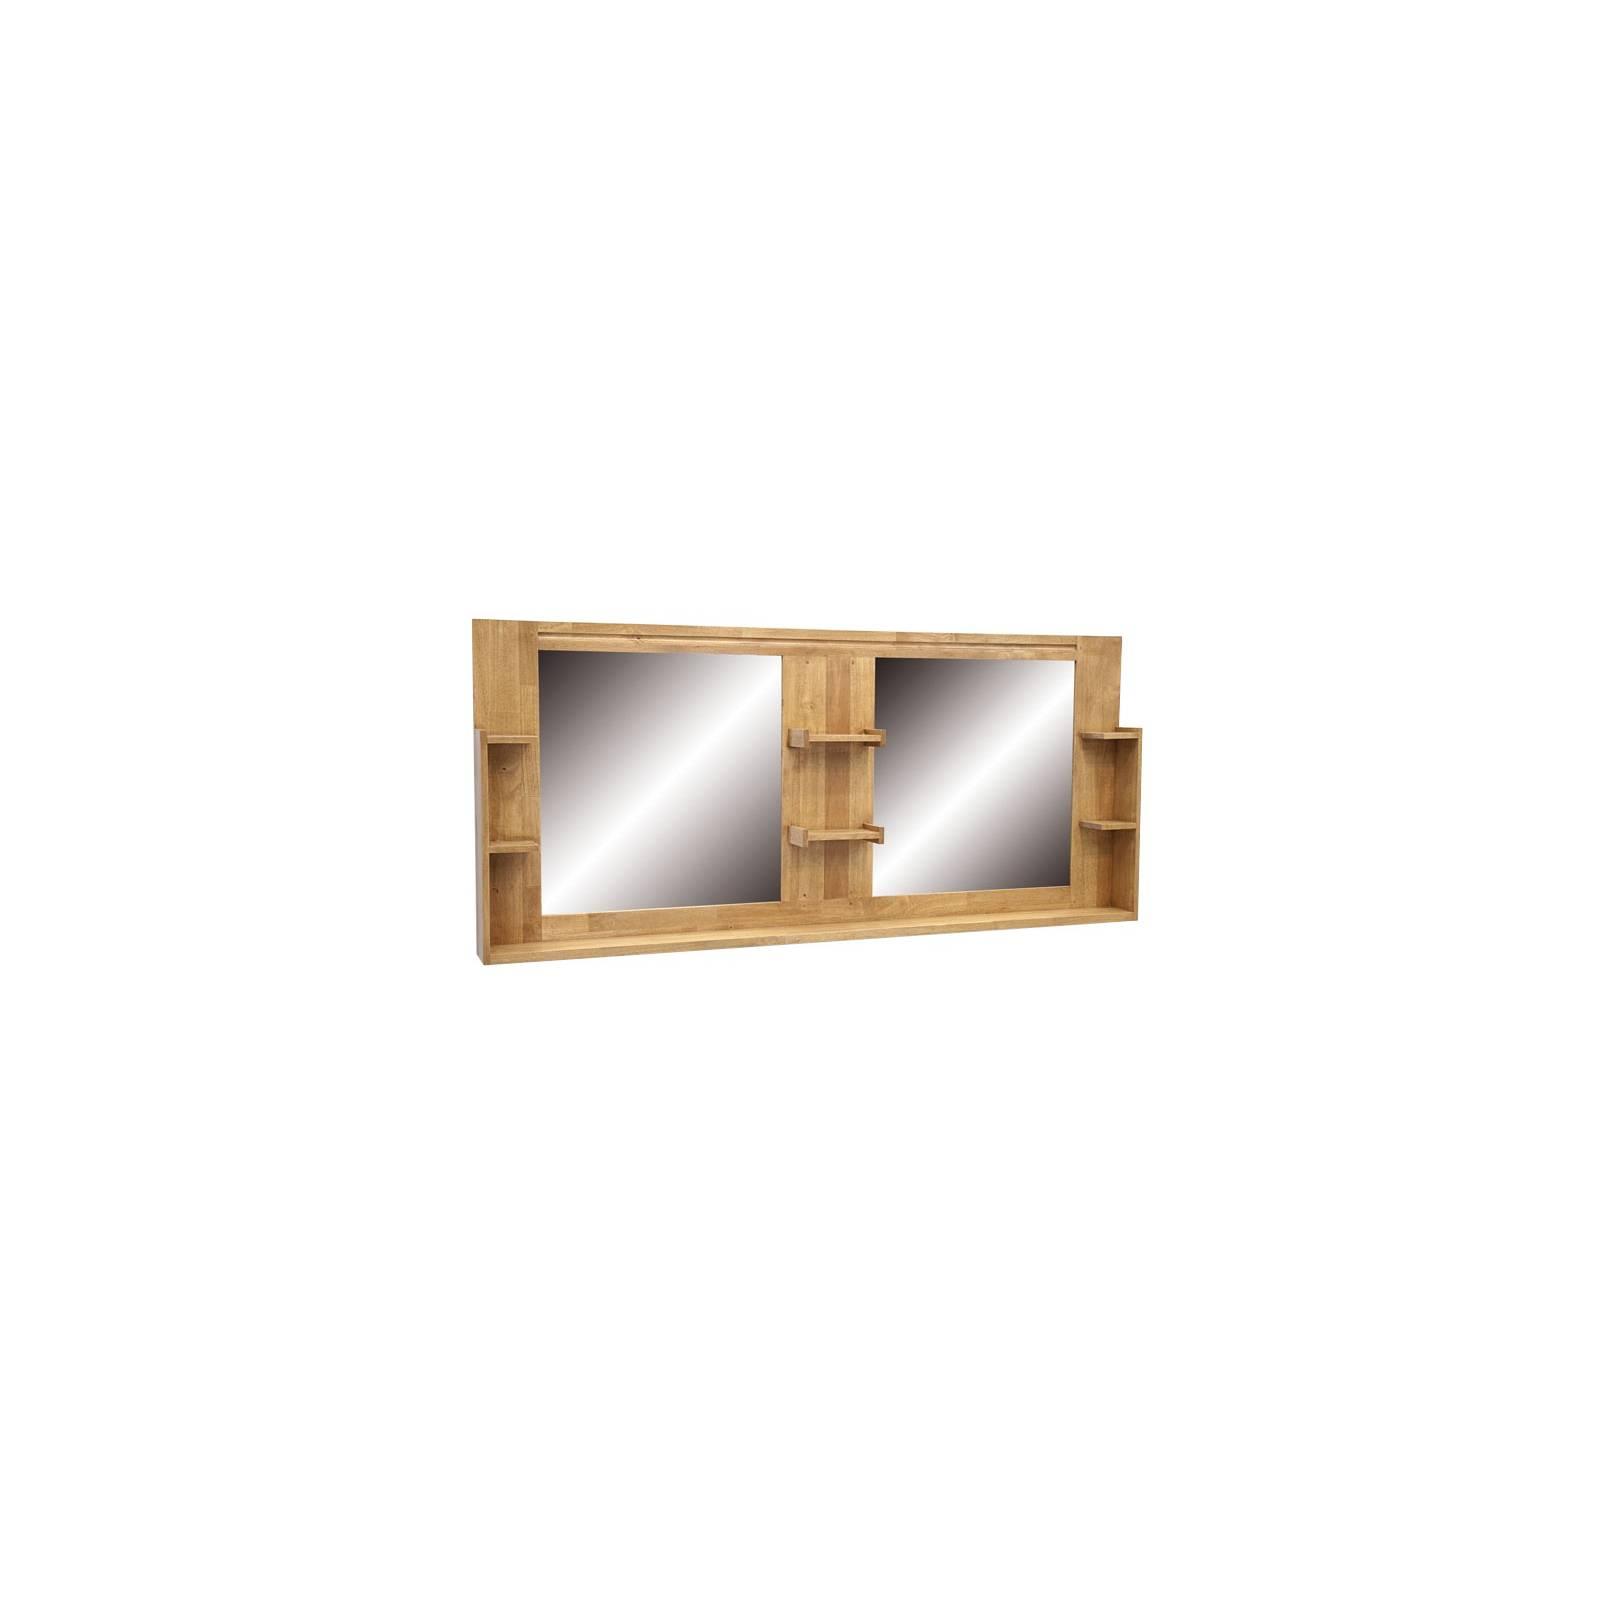 Miroir double sdb en bois massif d coration scandinave salle de bain - Miroir salle de bain bois ...